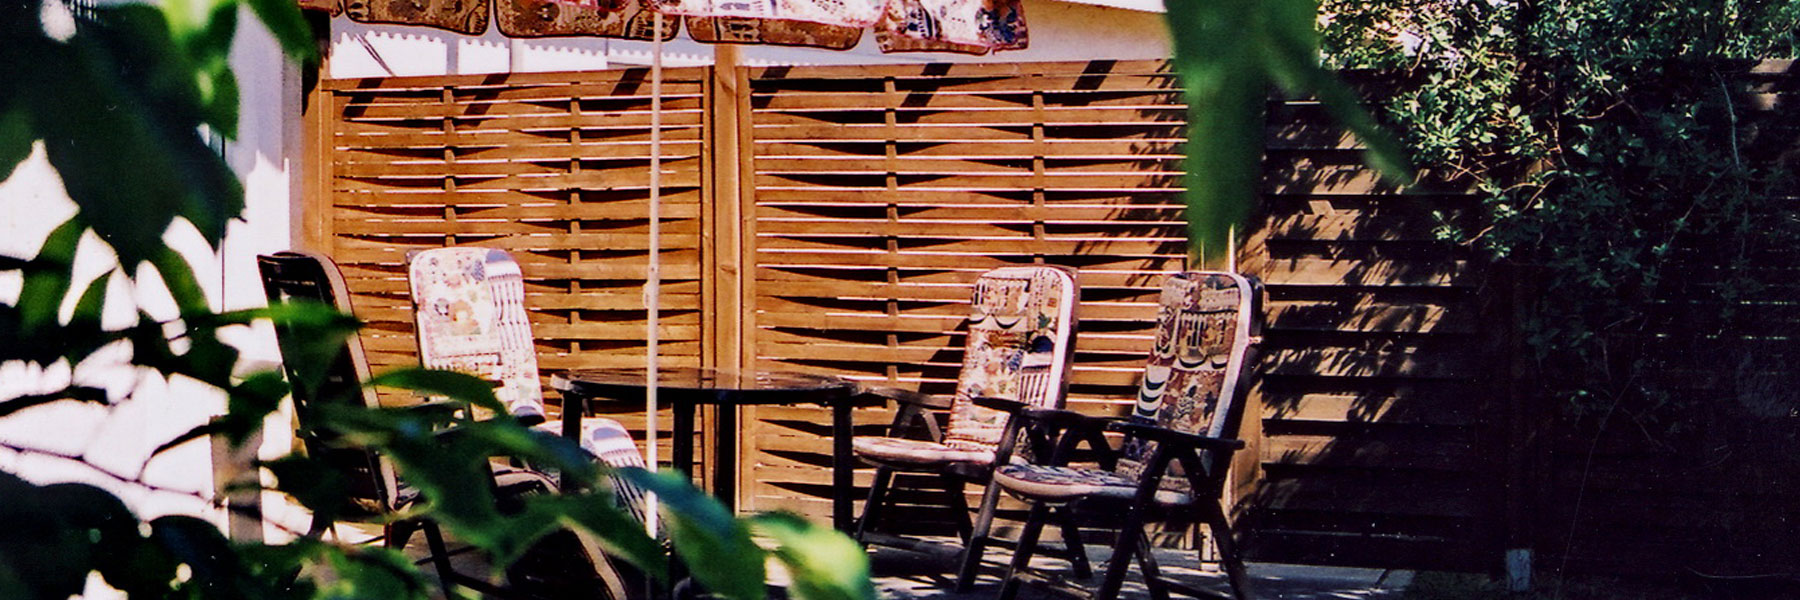 Terrasse - Ferienwohnung Claus